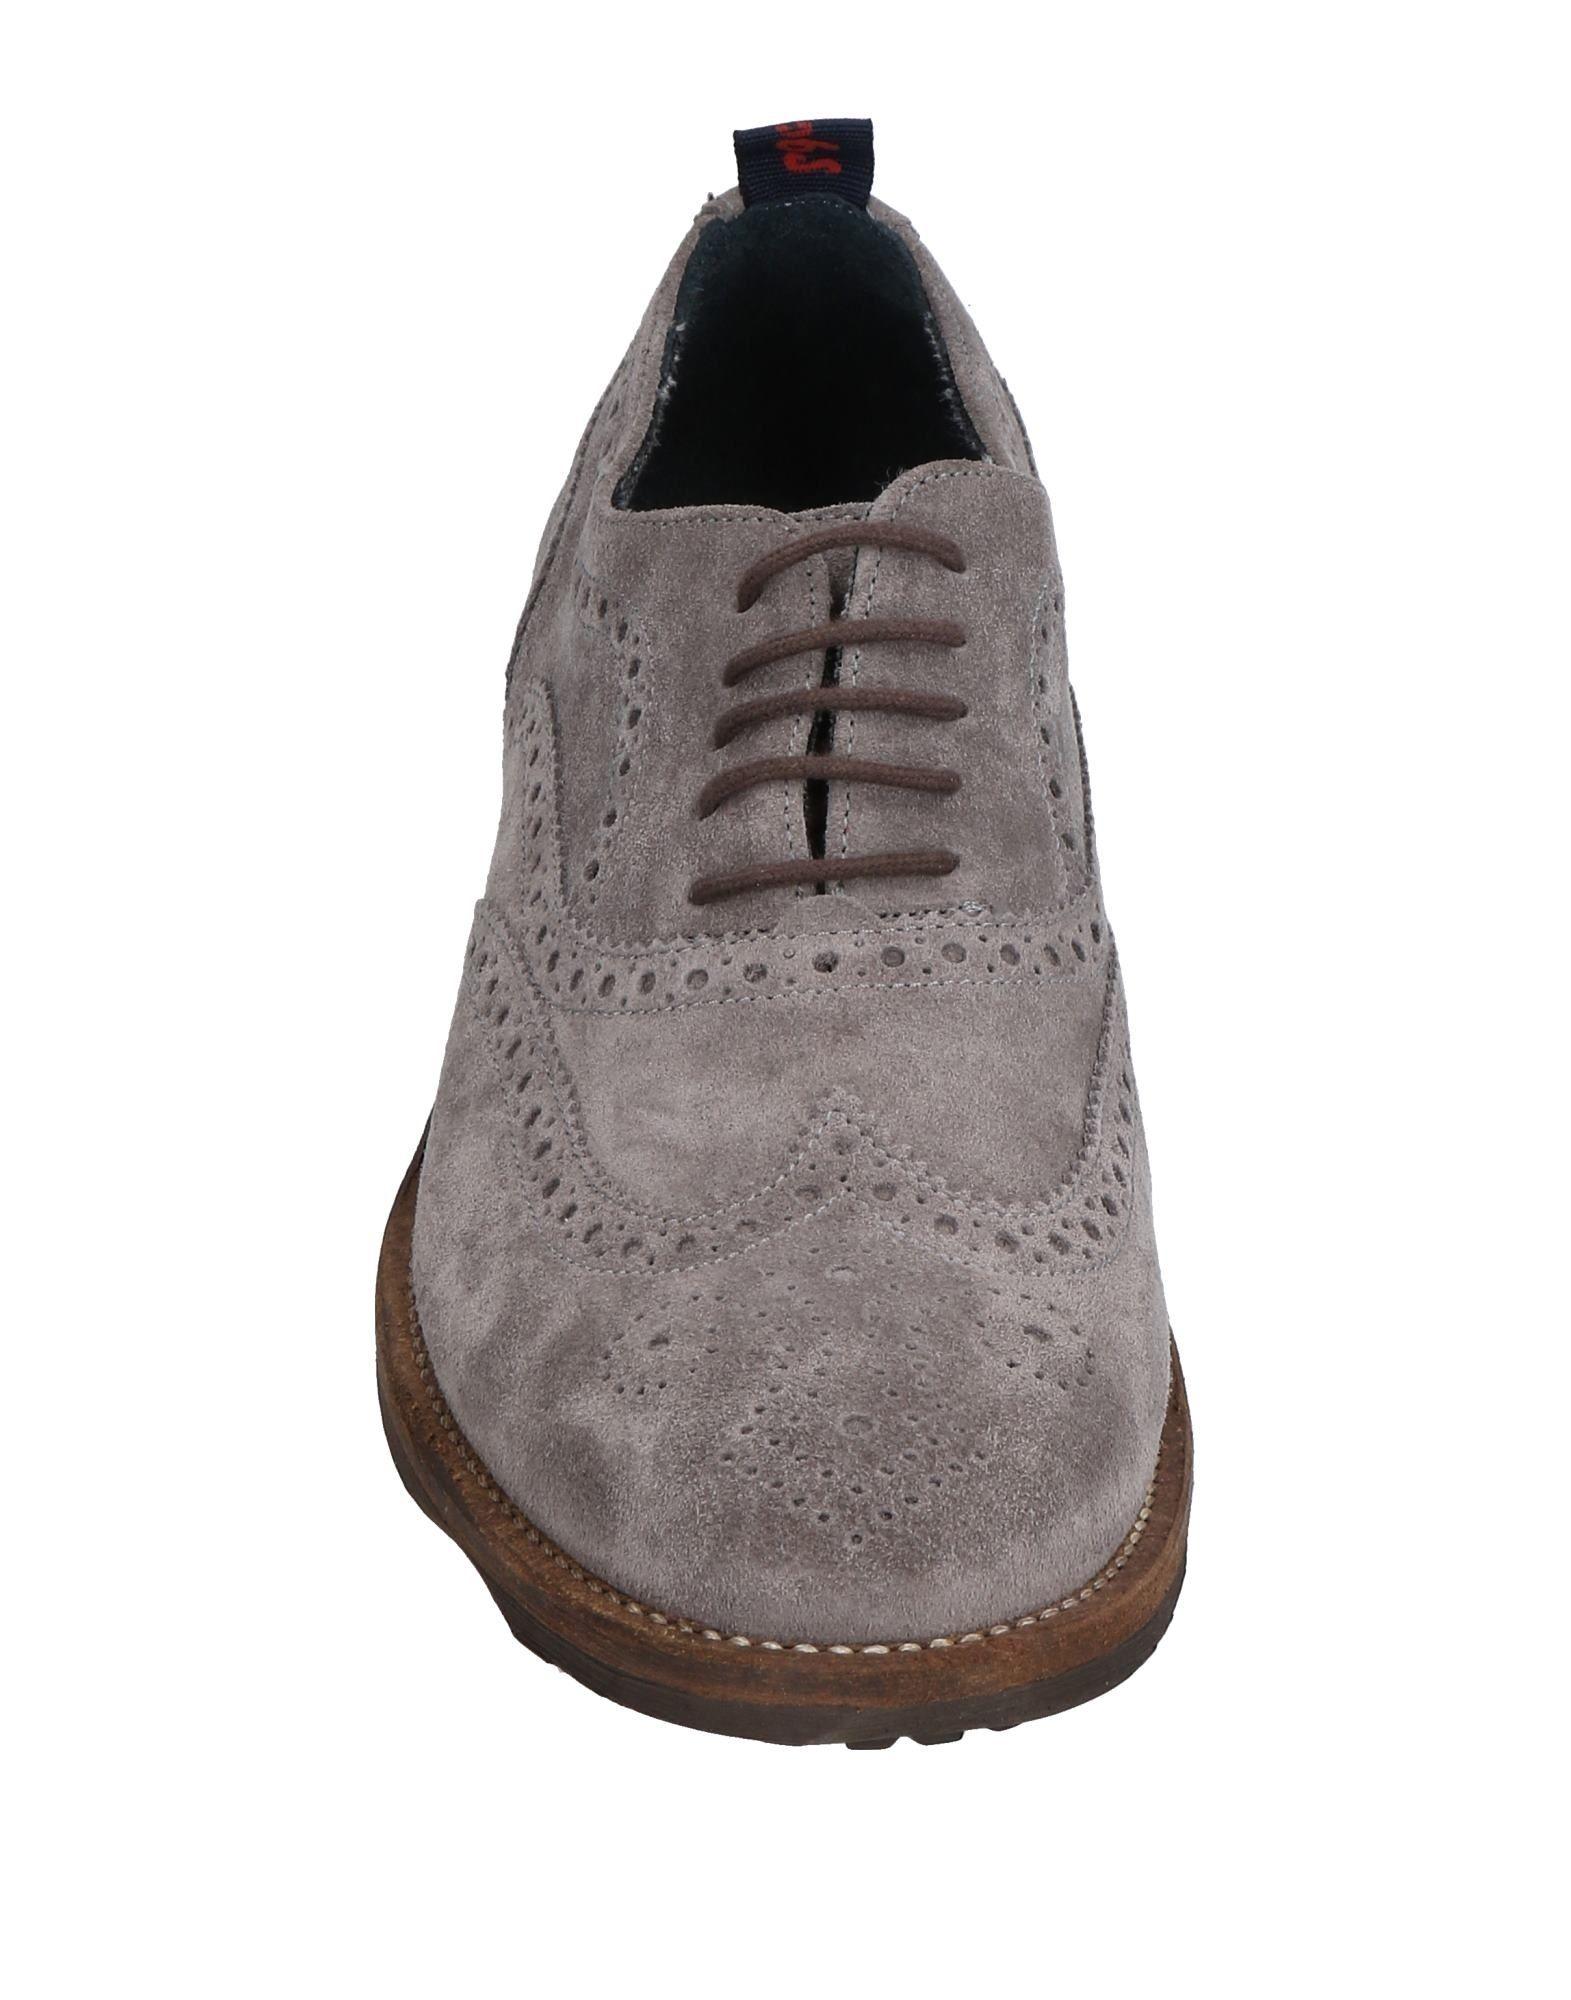 Snobs® Heiße Schnürschuhe Herren  11509815HB Heiße Snobs® Schuhe c5d1be